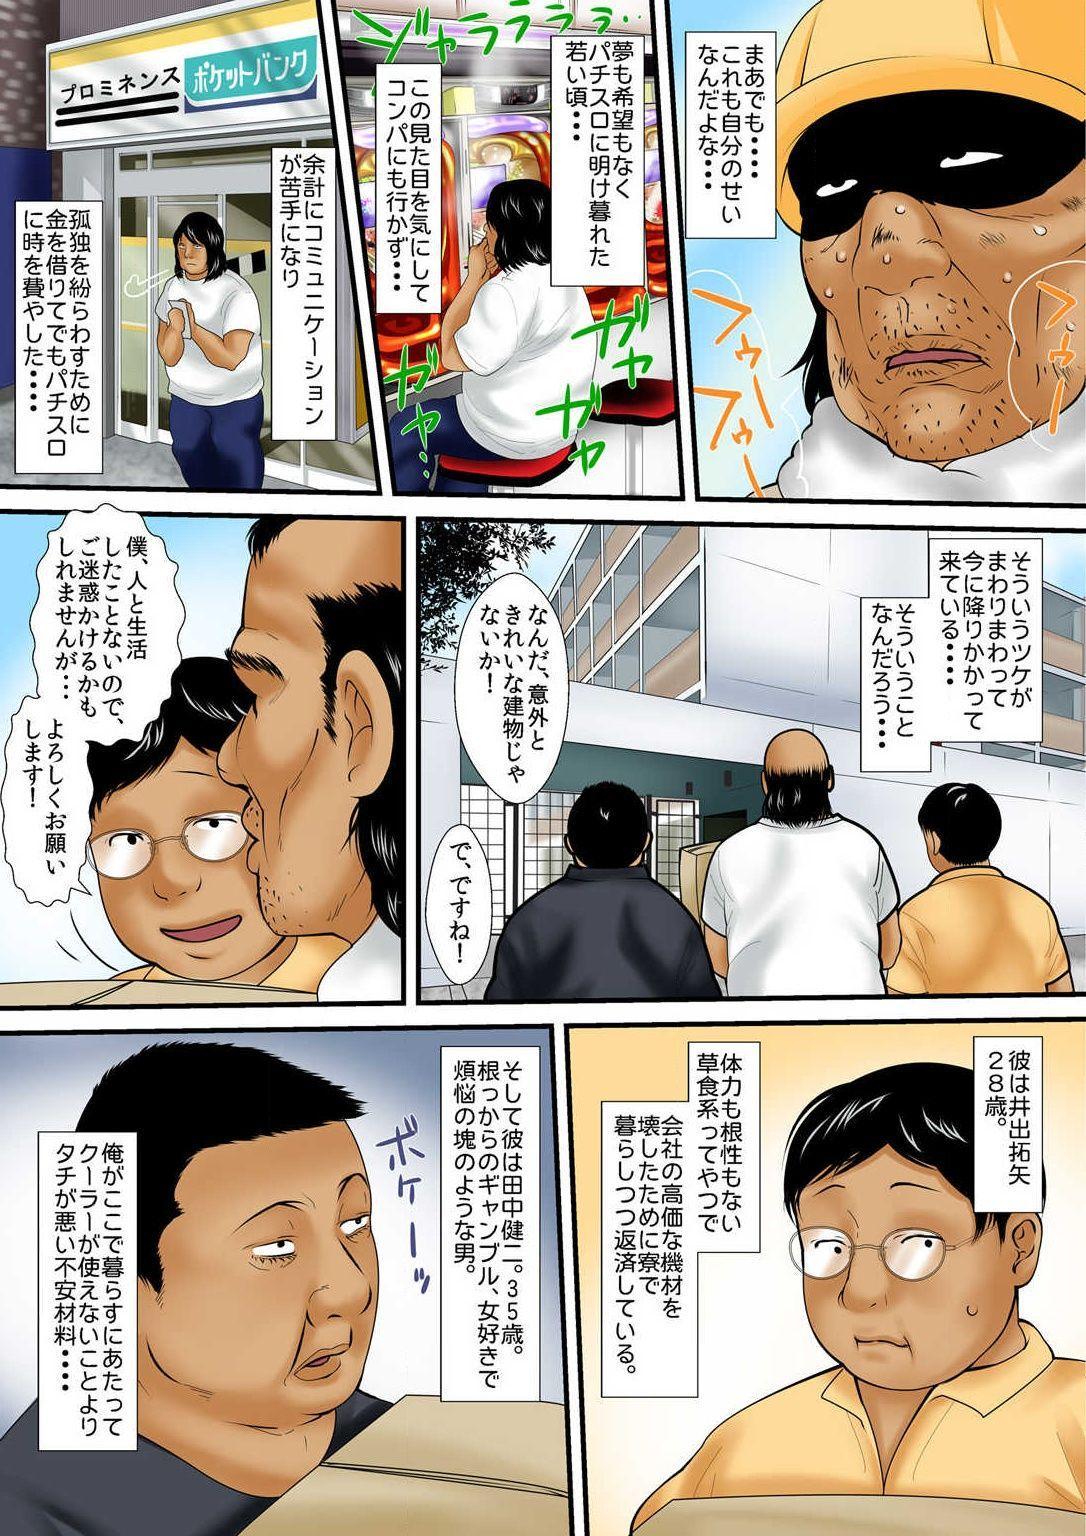 Zetsurin Oyaji ga Joshiryou de ~Sonna ni Dashitara Ninshin shichau!! 1 6